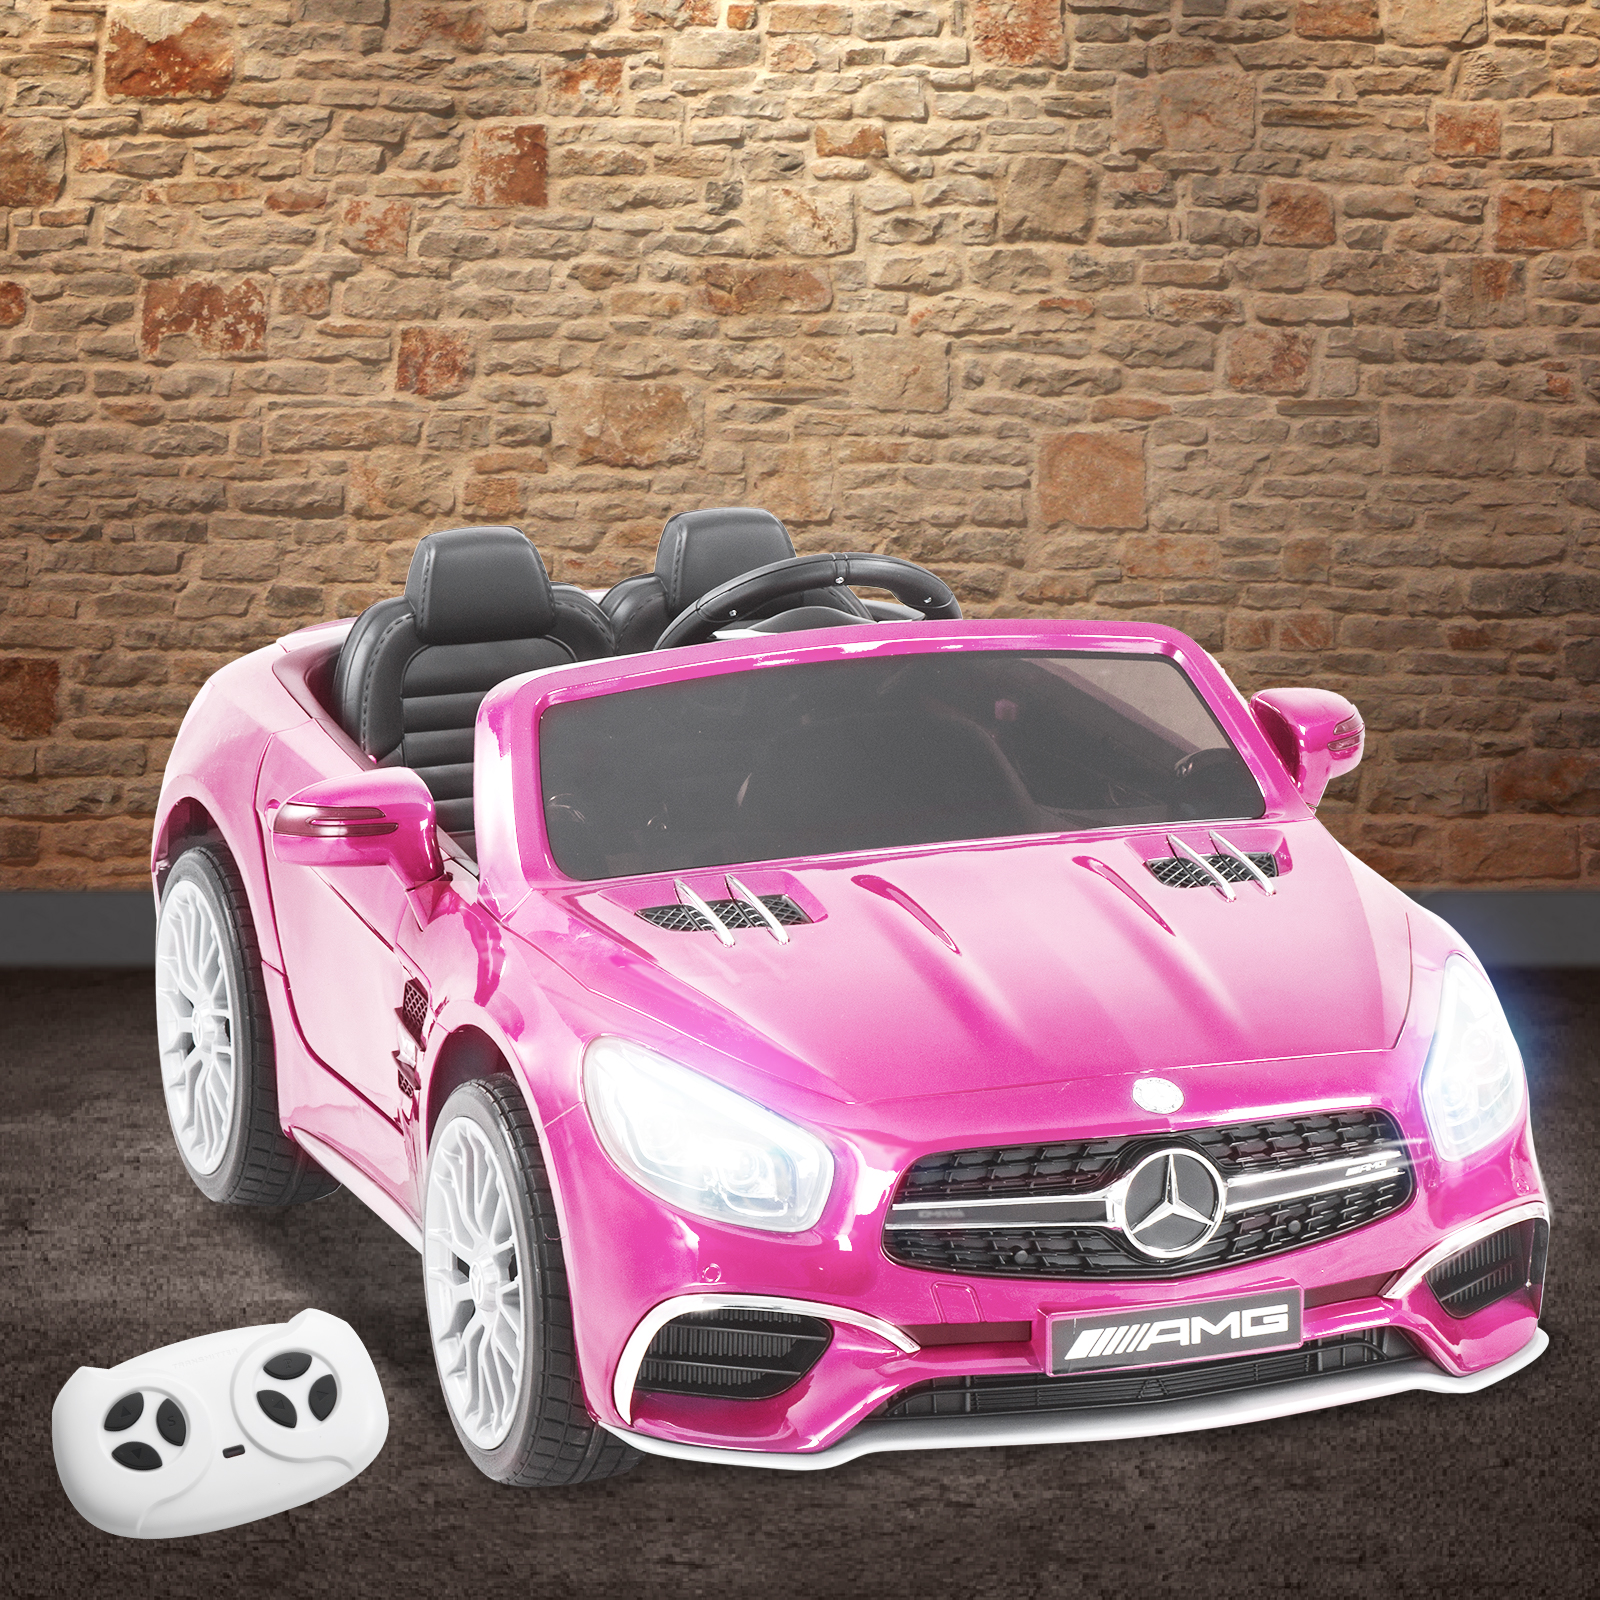 Uenjoy Kids Ride-On Car Remote Control Licensed Mercedes-Benz 3 Speeds LED Lights & Spring Suspension & Safety Lock 12V Pink